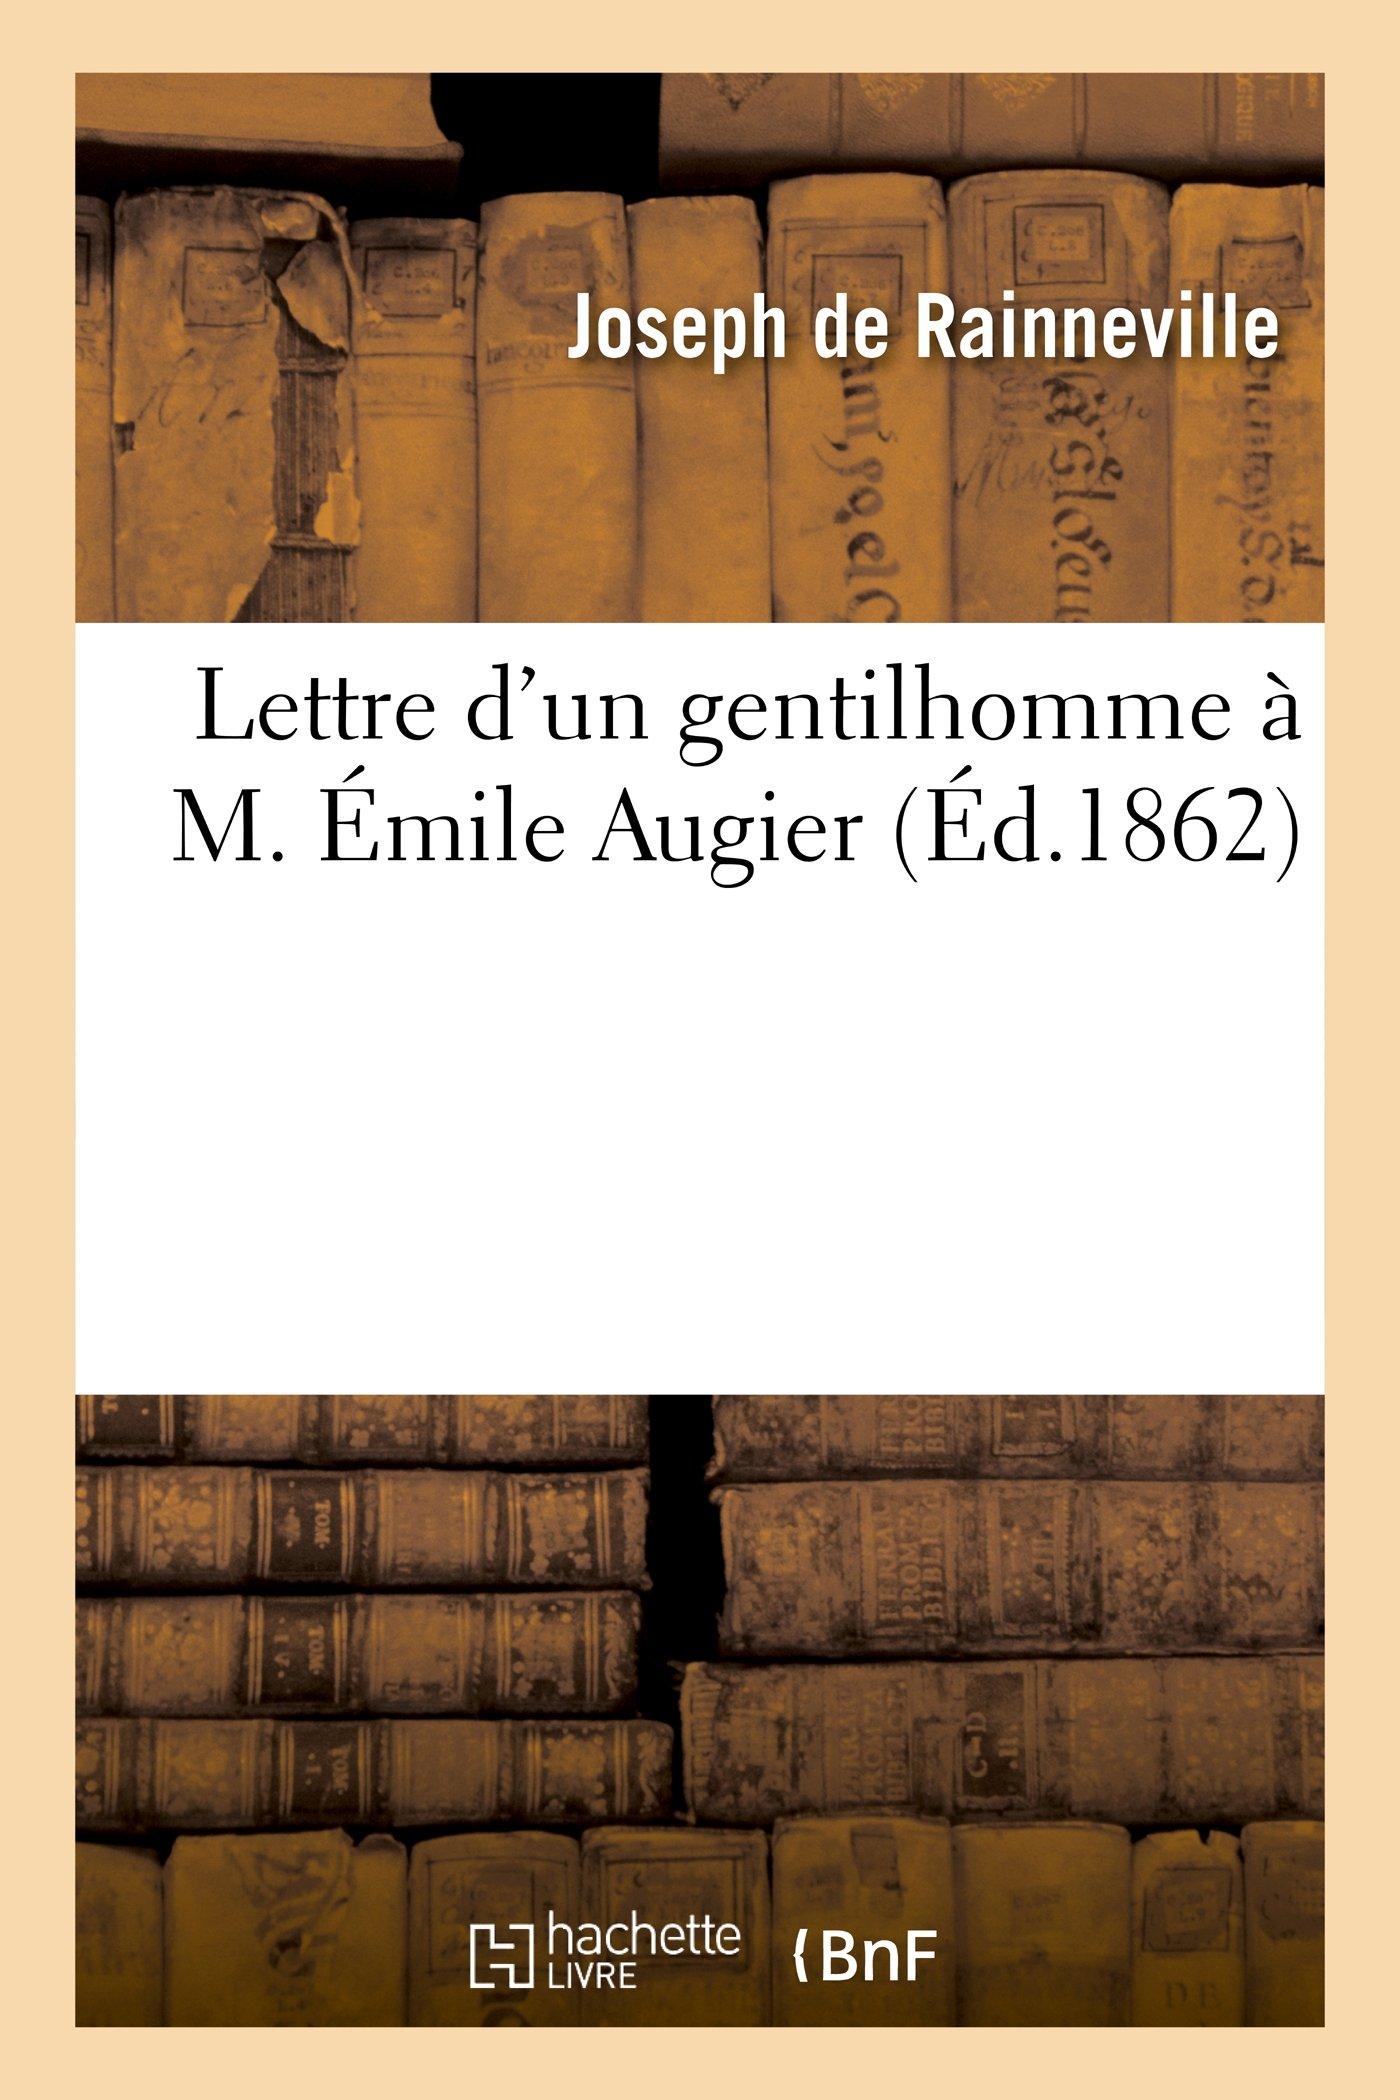 Lettre D'Un Gentilhomme A M. Emile Augier (Litterature) (French Edition) ebook